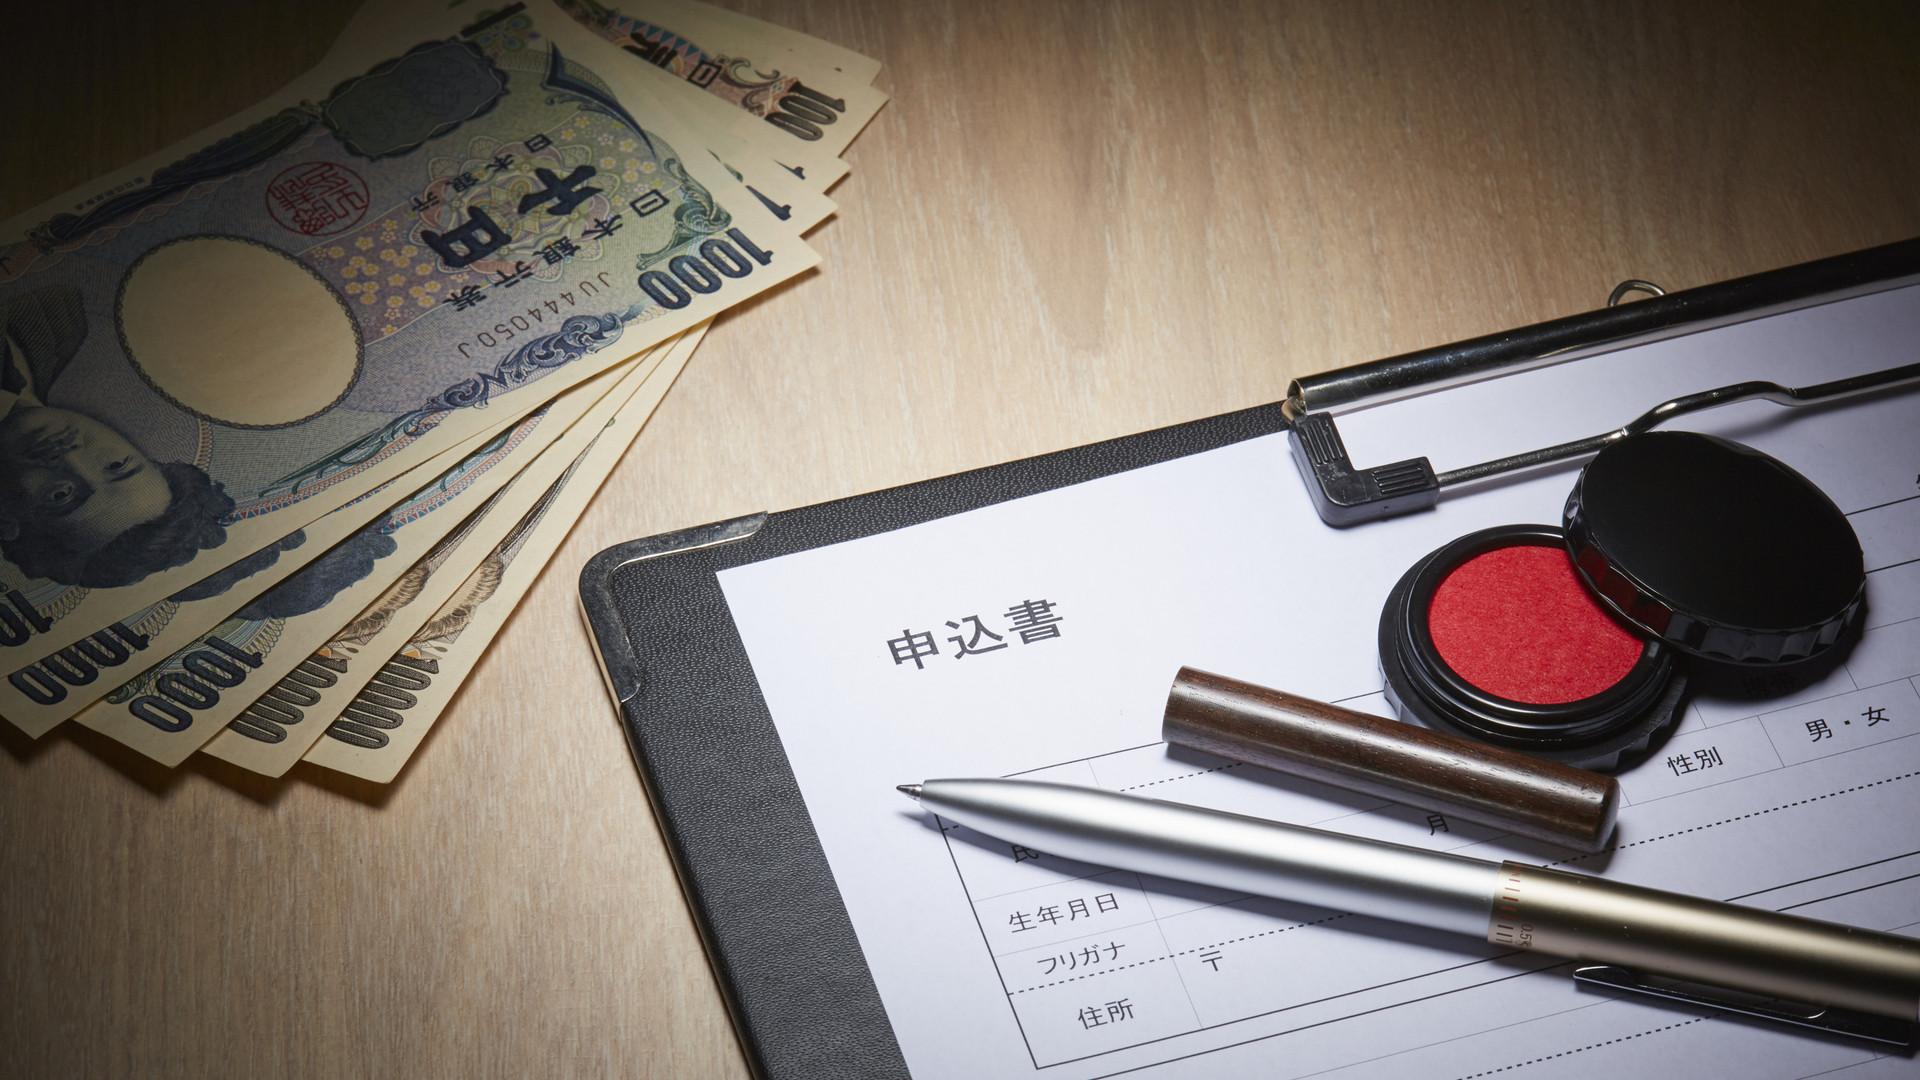 いしだ壱成さんは生活保護不正受給なのか いま生活保護バッシングにつながる報道は自粛すべき(藤田孝典) - 個人 - Yahoo!ニュース